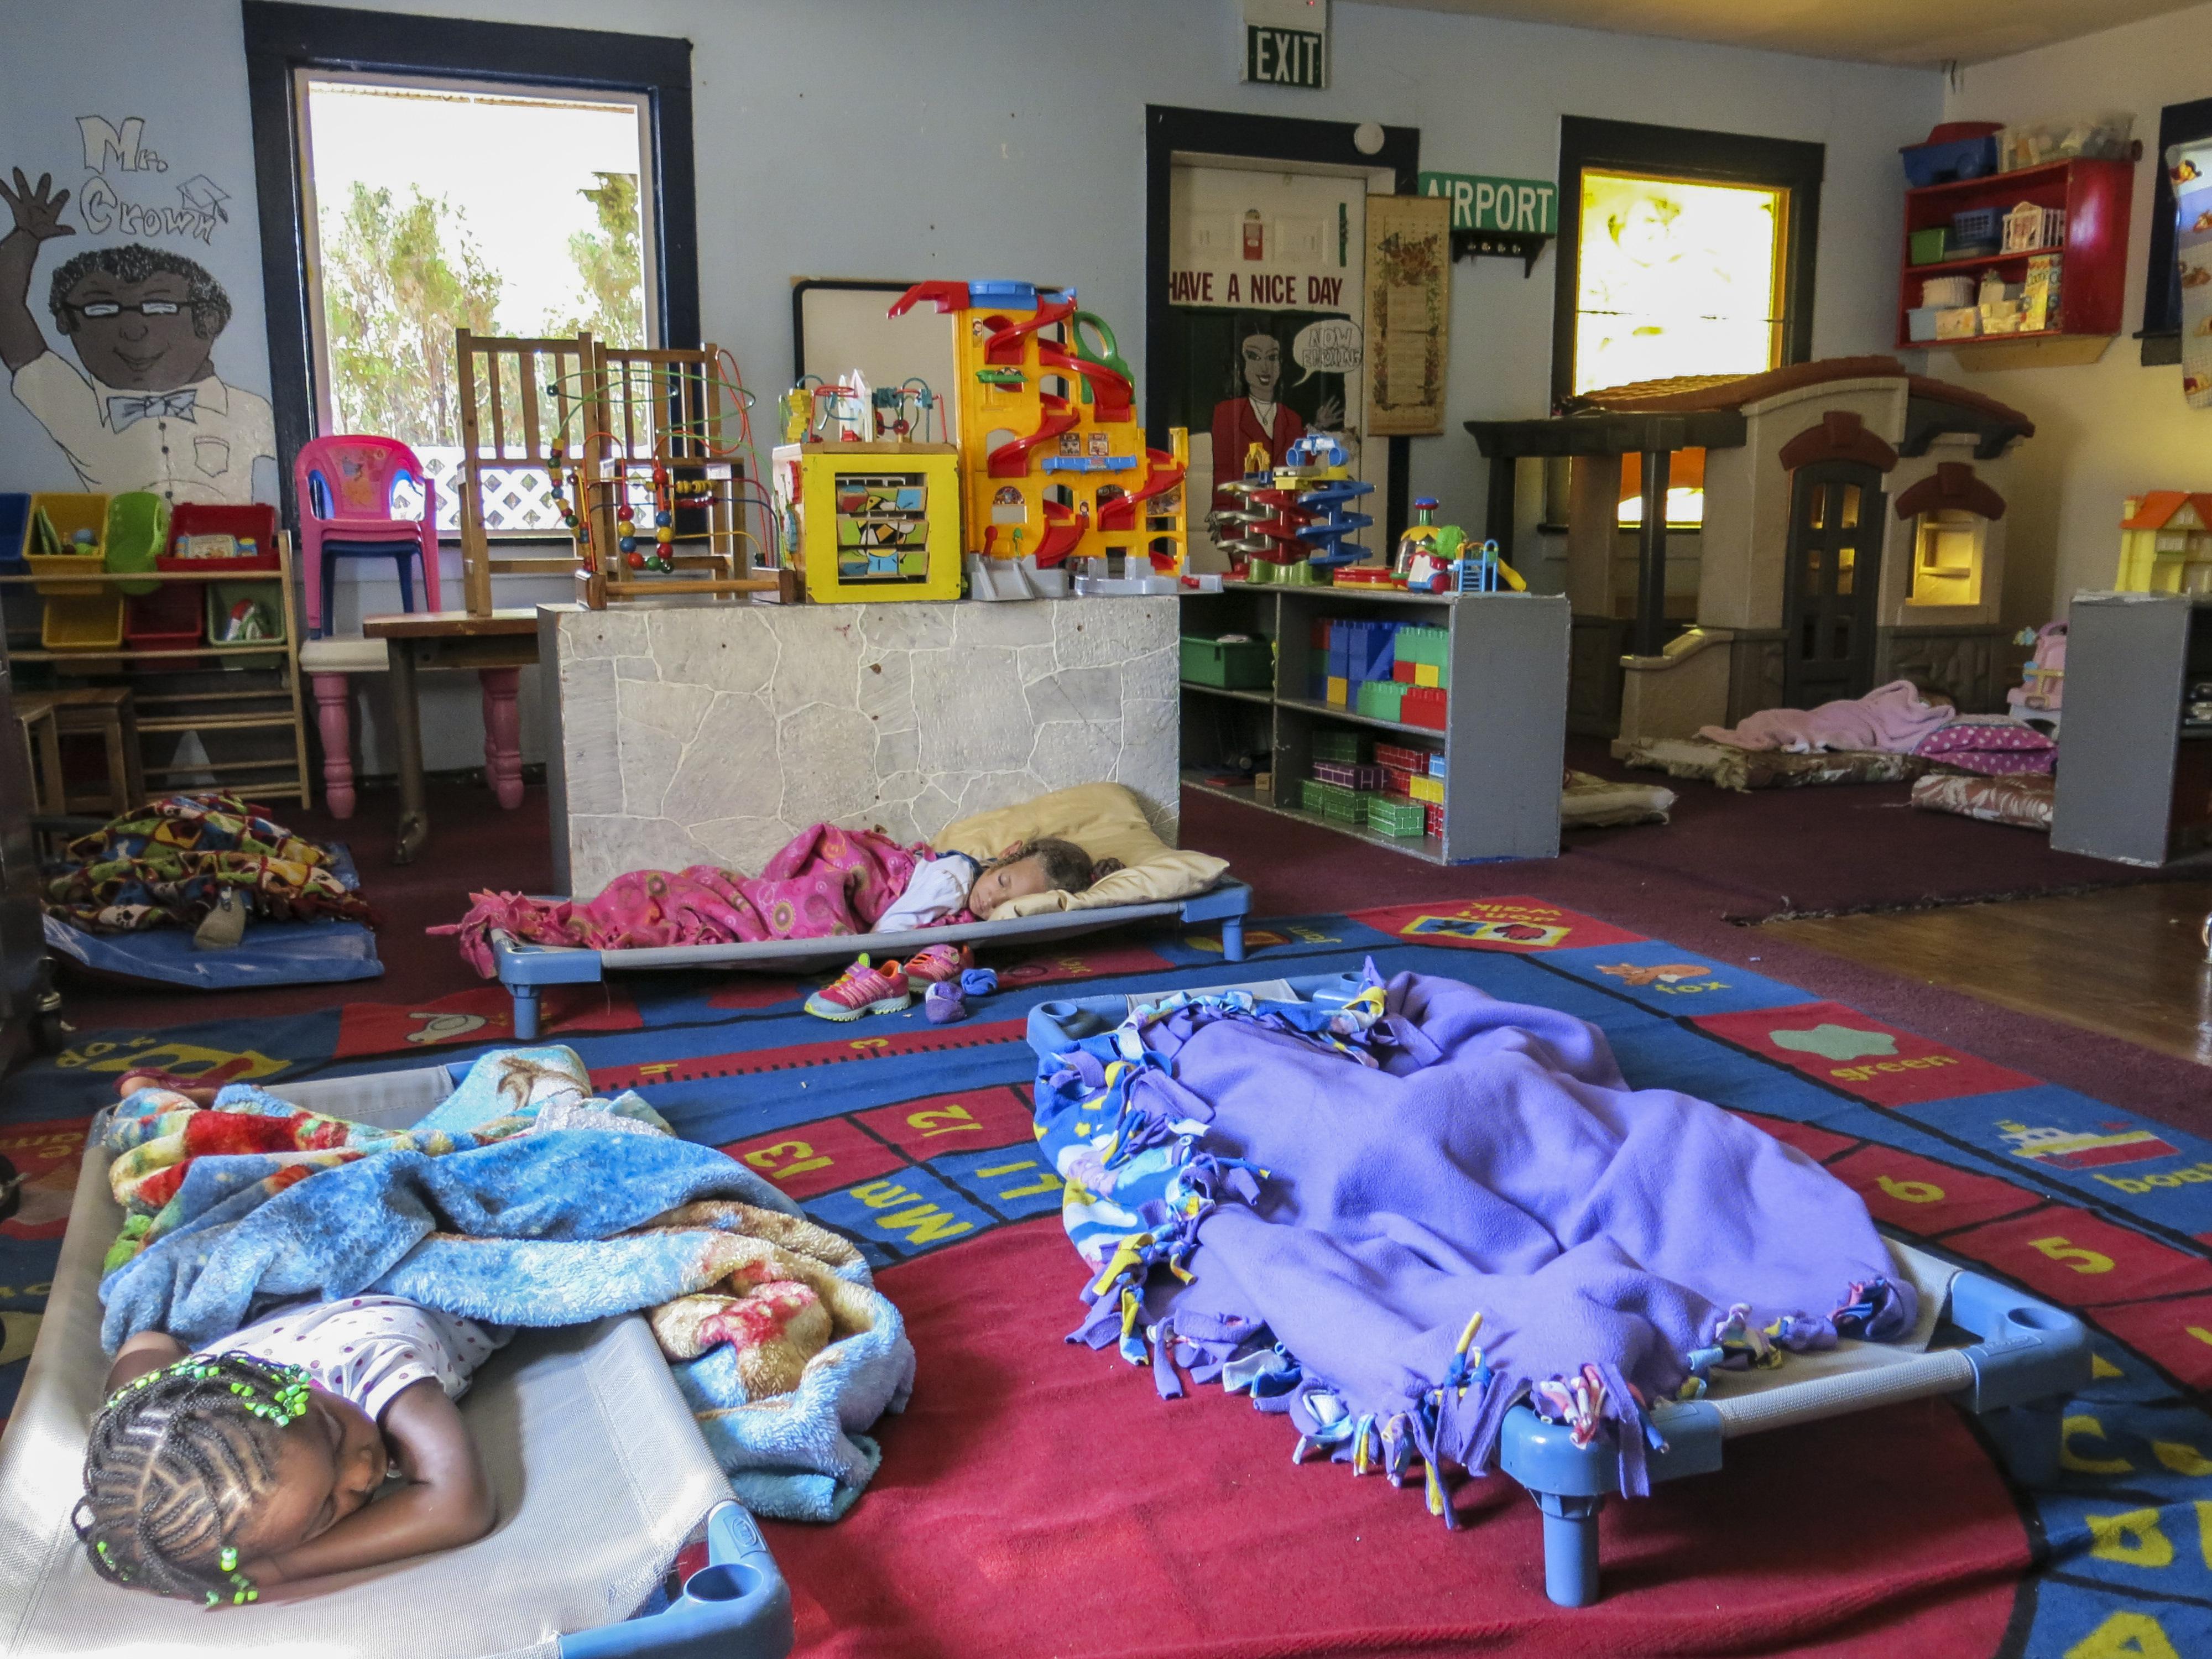 Children take a nap at the Rocky Mountain Public Childcare Center in Aurora, Colo.